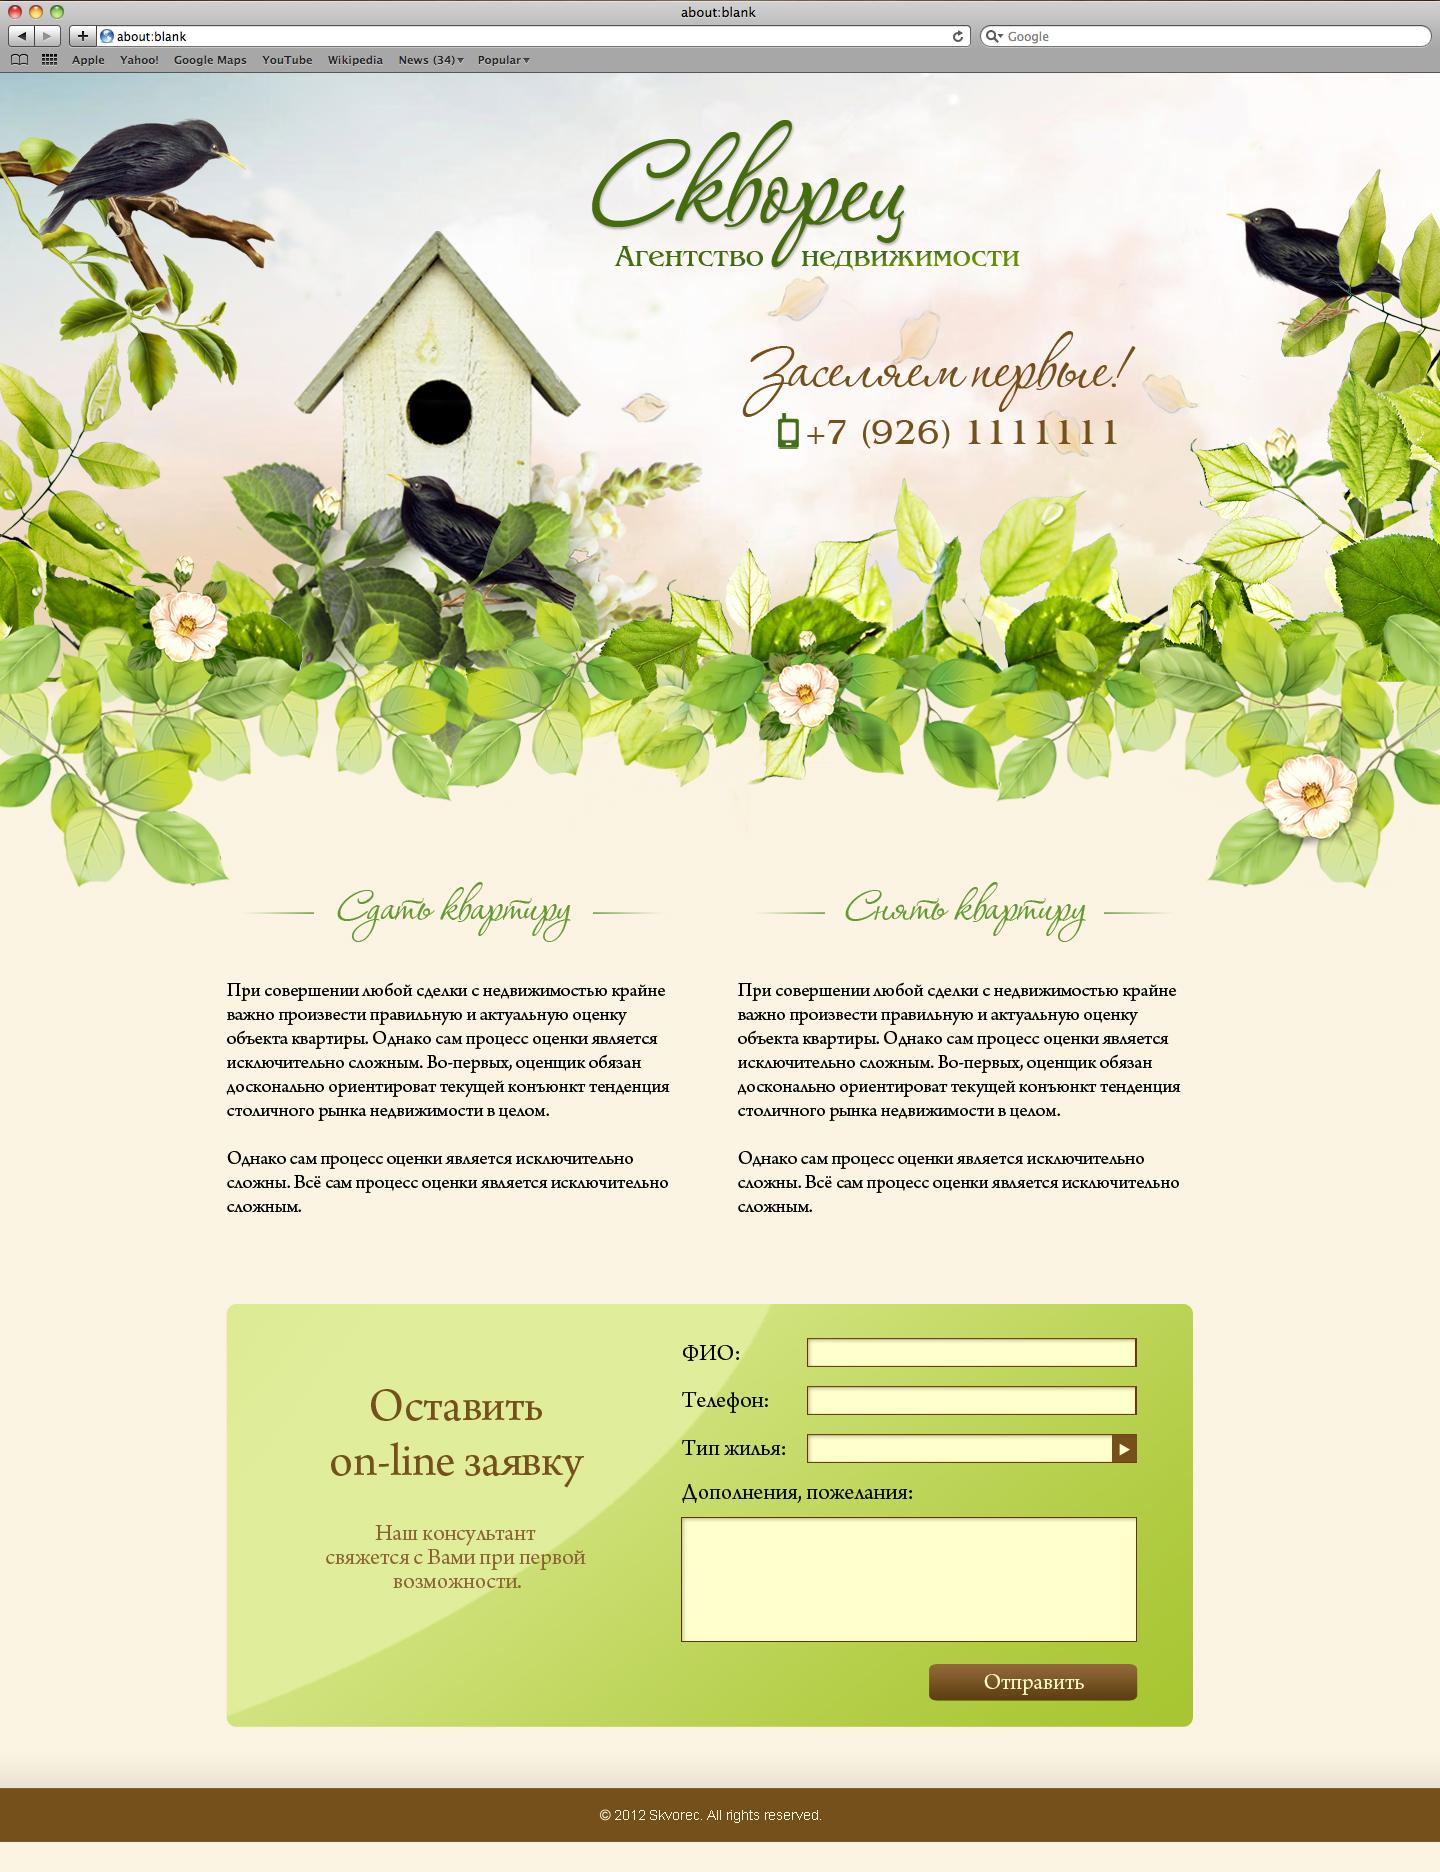 Дизайн главной страницы сайта фото f_503f8f7f73d18.jpg